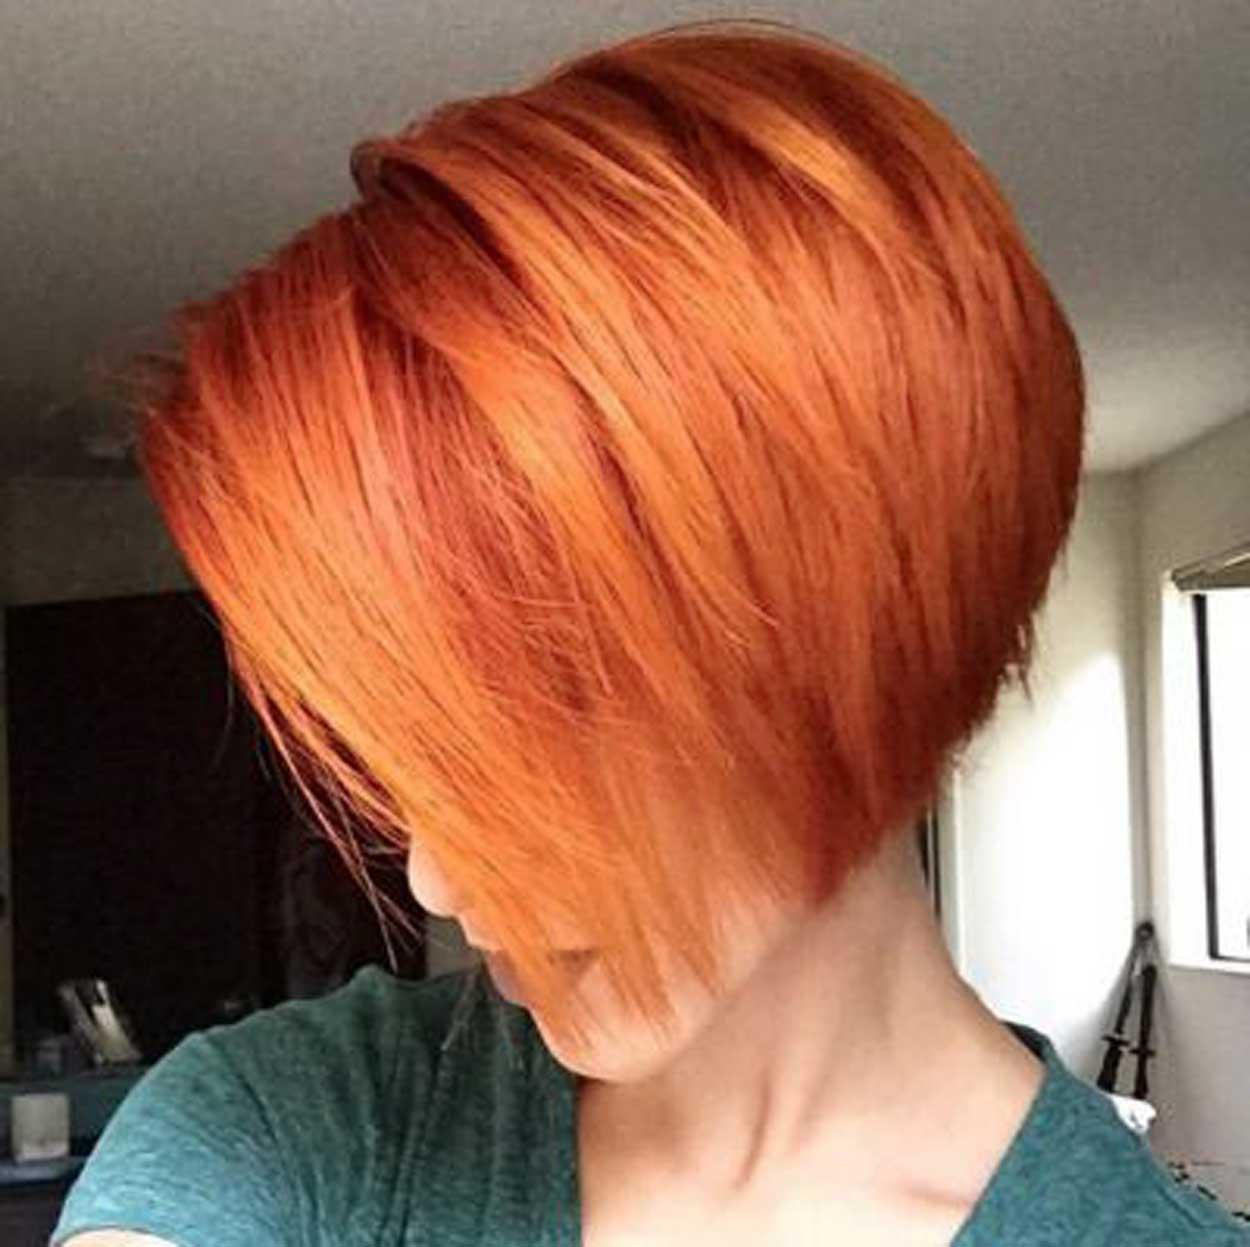 Orange Hair, tendenza colore che continua a stupire e conquistare